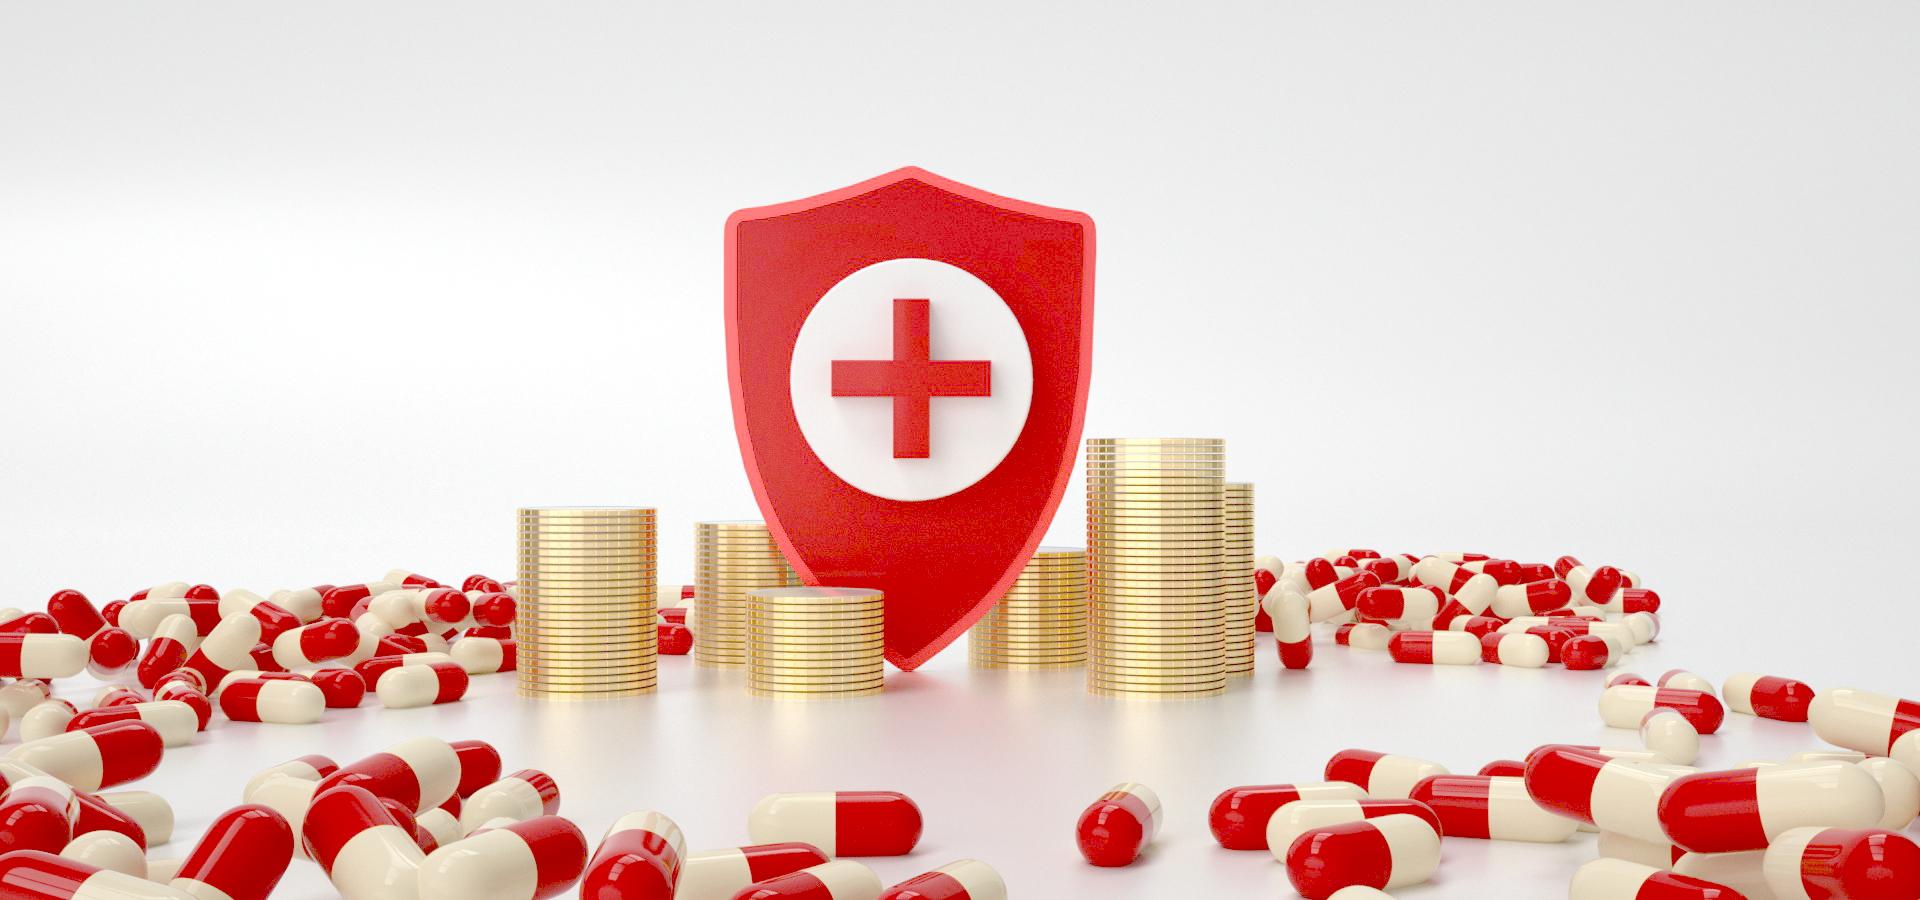 阿里健康联合众安保险推出国内首个肝病百万医疗险